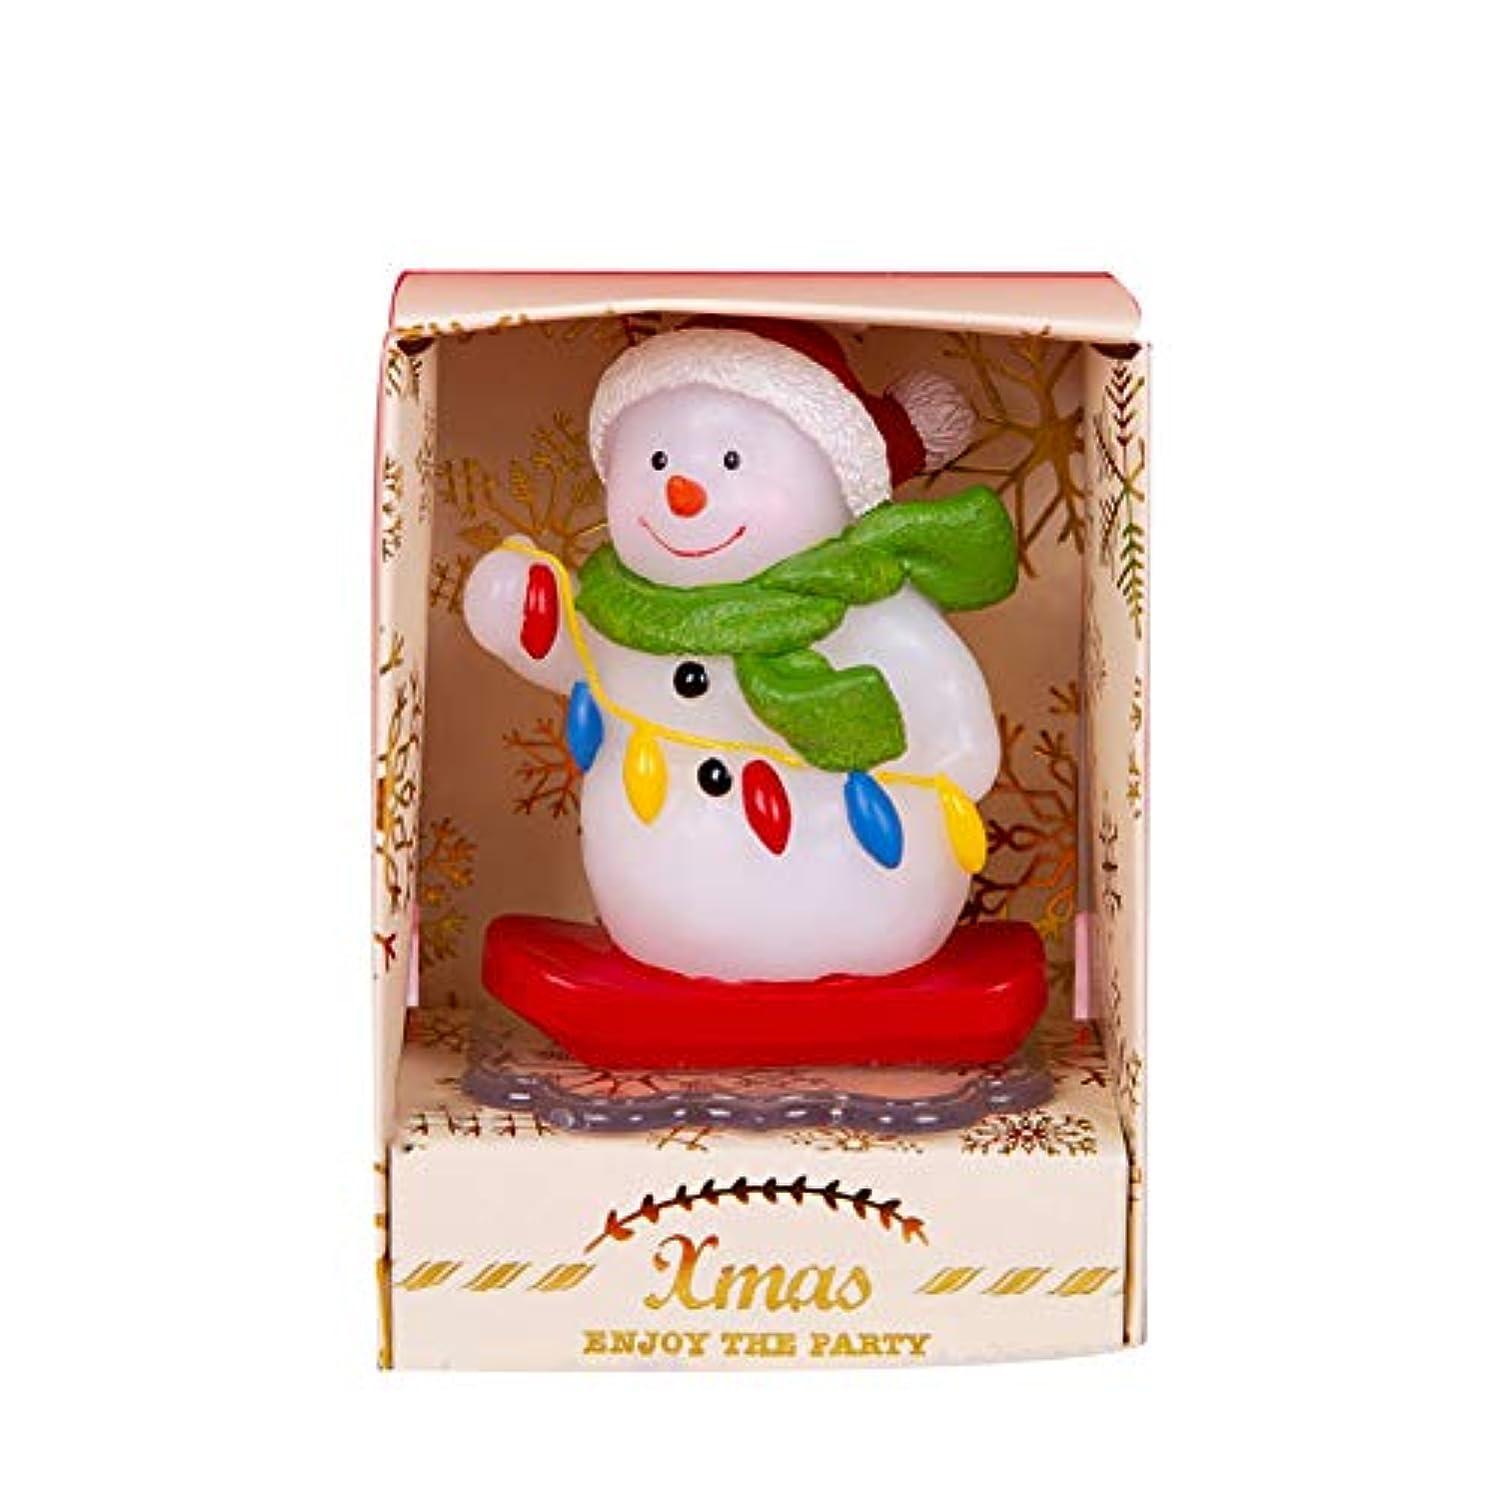 震える暖かく代表団クリスマスキャンドル、装飾サンタクロース/雪だるま/エルクジンジャーブレッドマンキャンドルクリスマスの飾り,M1